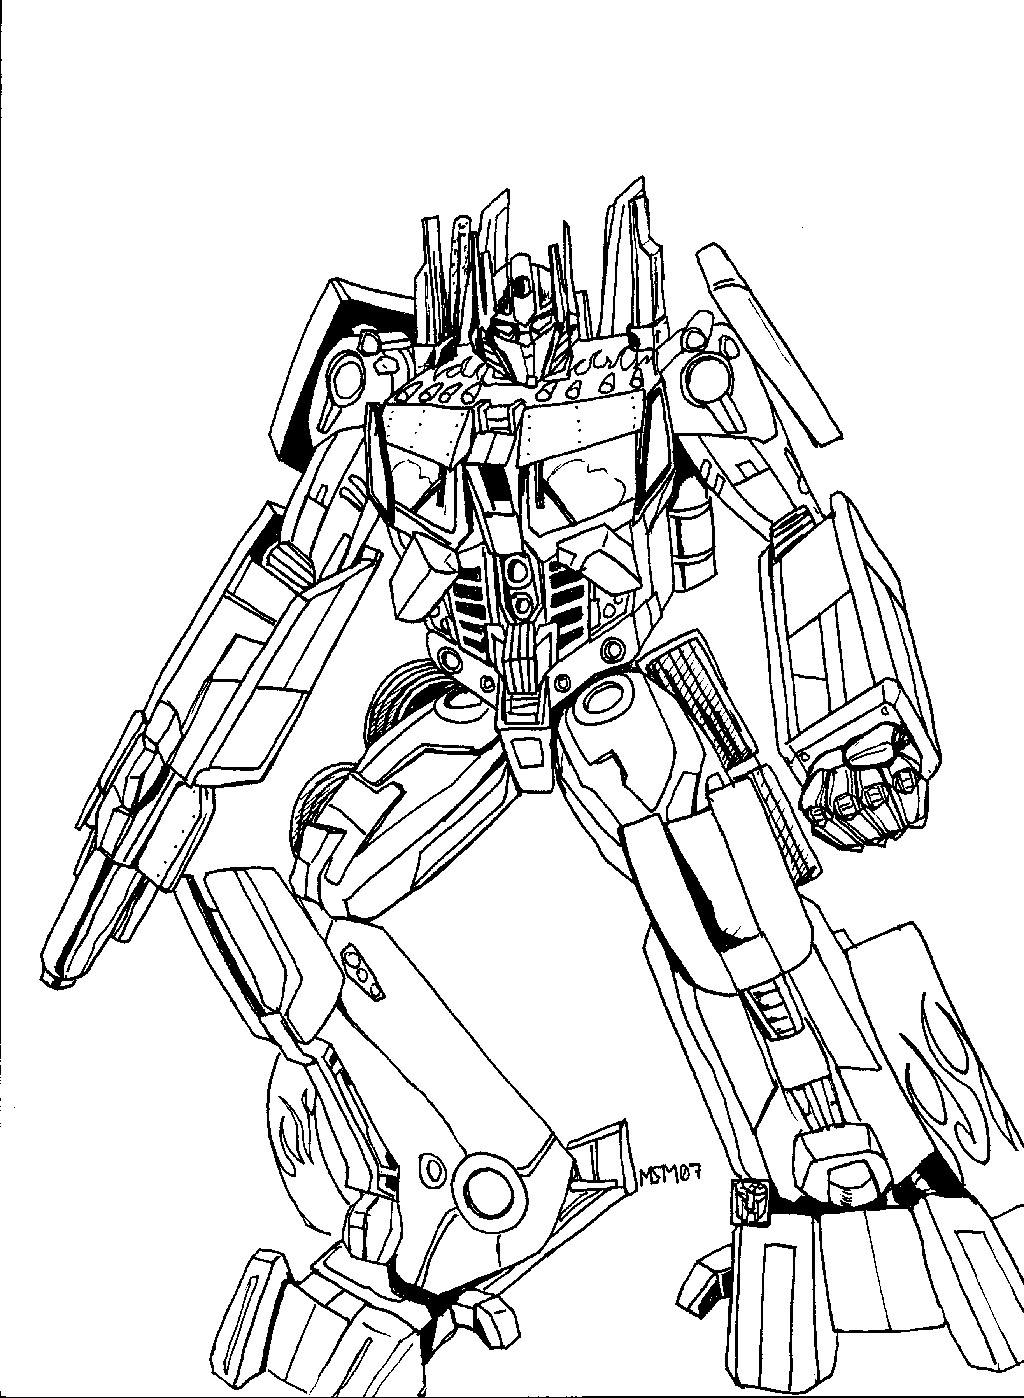 Transformers Optimus Prime Drawing at GetDrawings | Free ...